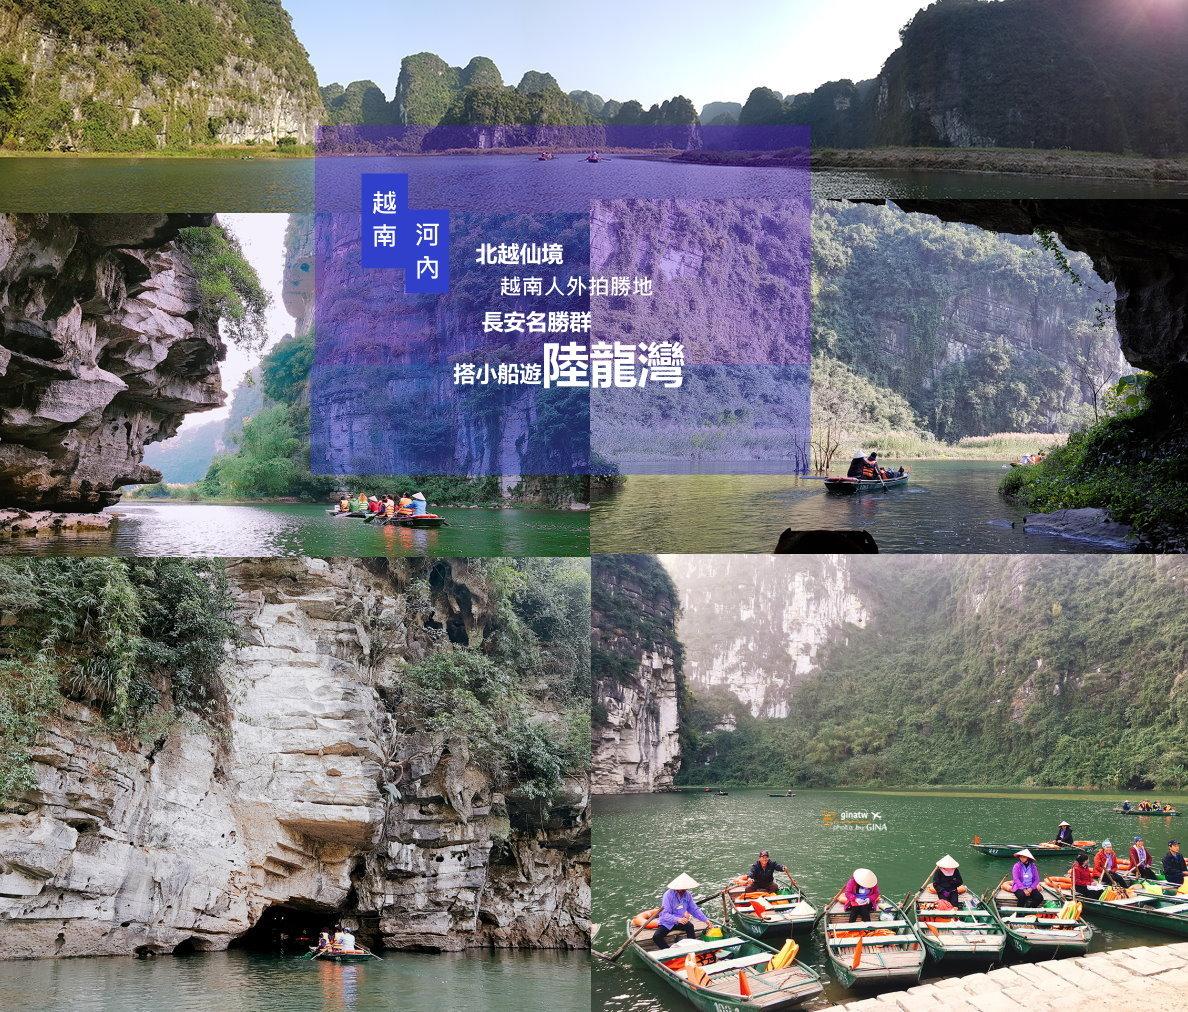 【越南自由行】河內北越仙境|長安名勝群之旅(下)| 寧平(Ninh Binh) 陸龍灣/小下龍灣(長安湖渡船/ Ecotourism Trang An Boat Tour) 越南人外拍勝地 @GINA LIN